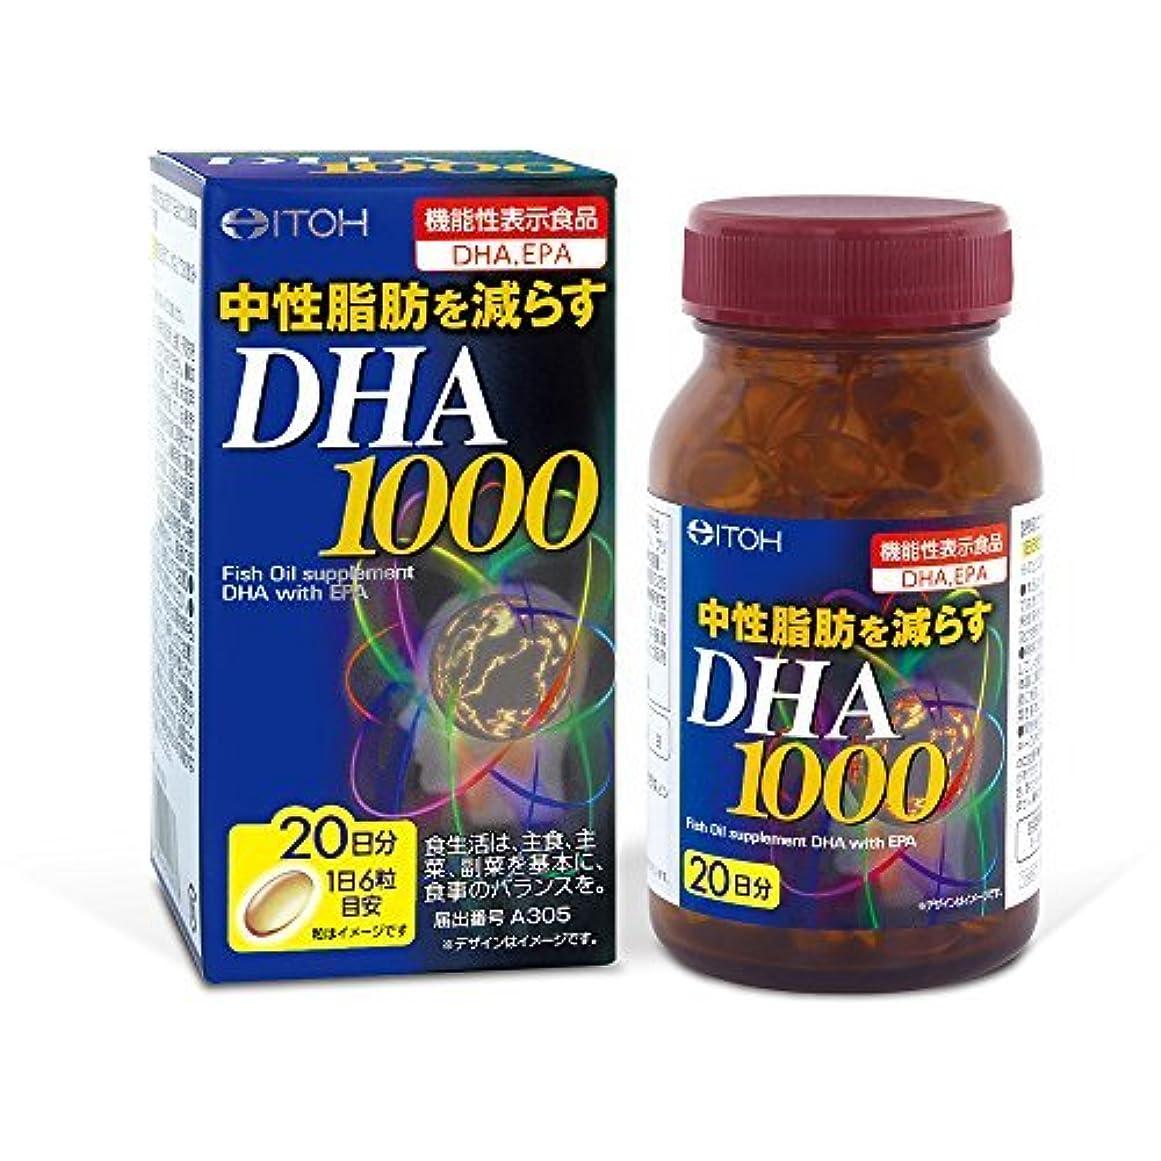 肘掛け椅子短命娯楽井藤漢方製薬 DHA1000 約20日分 120粒 Japan